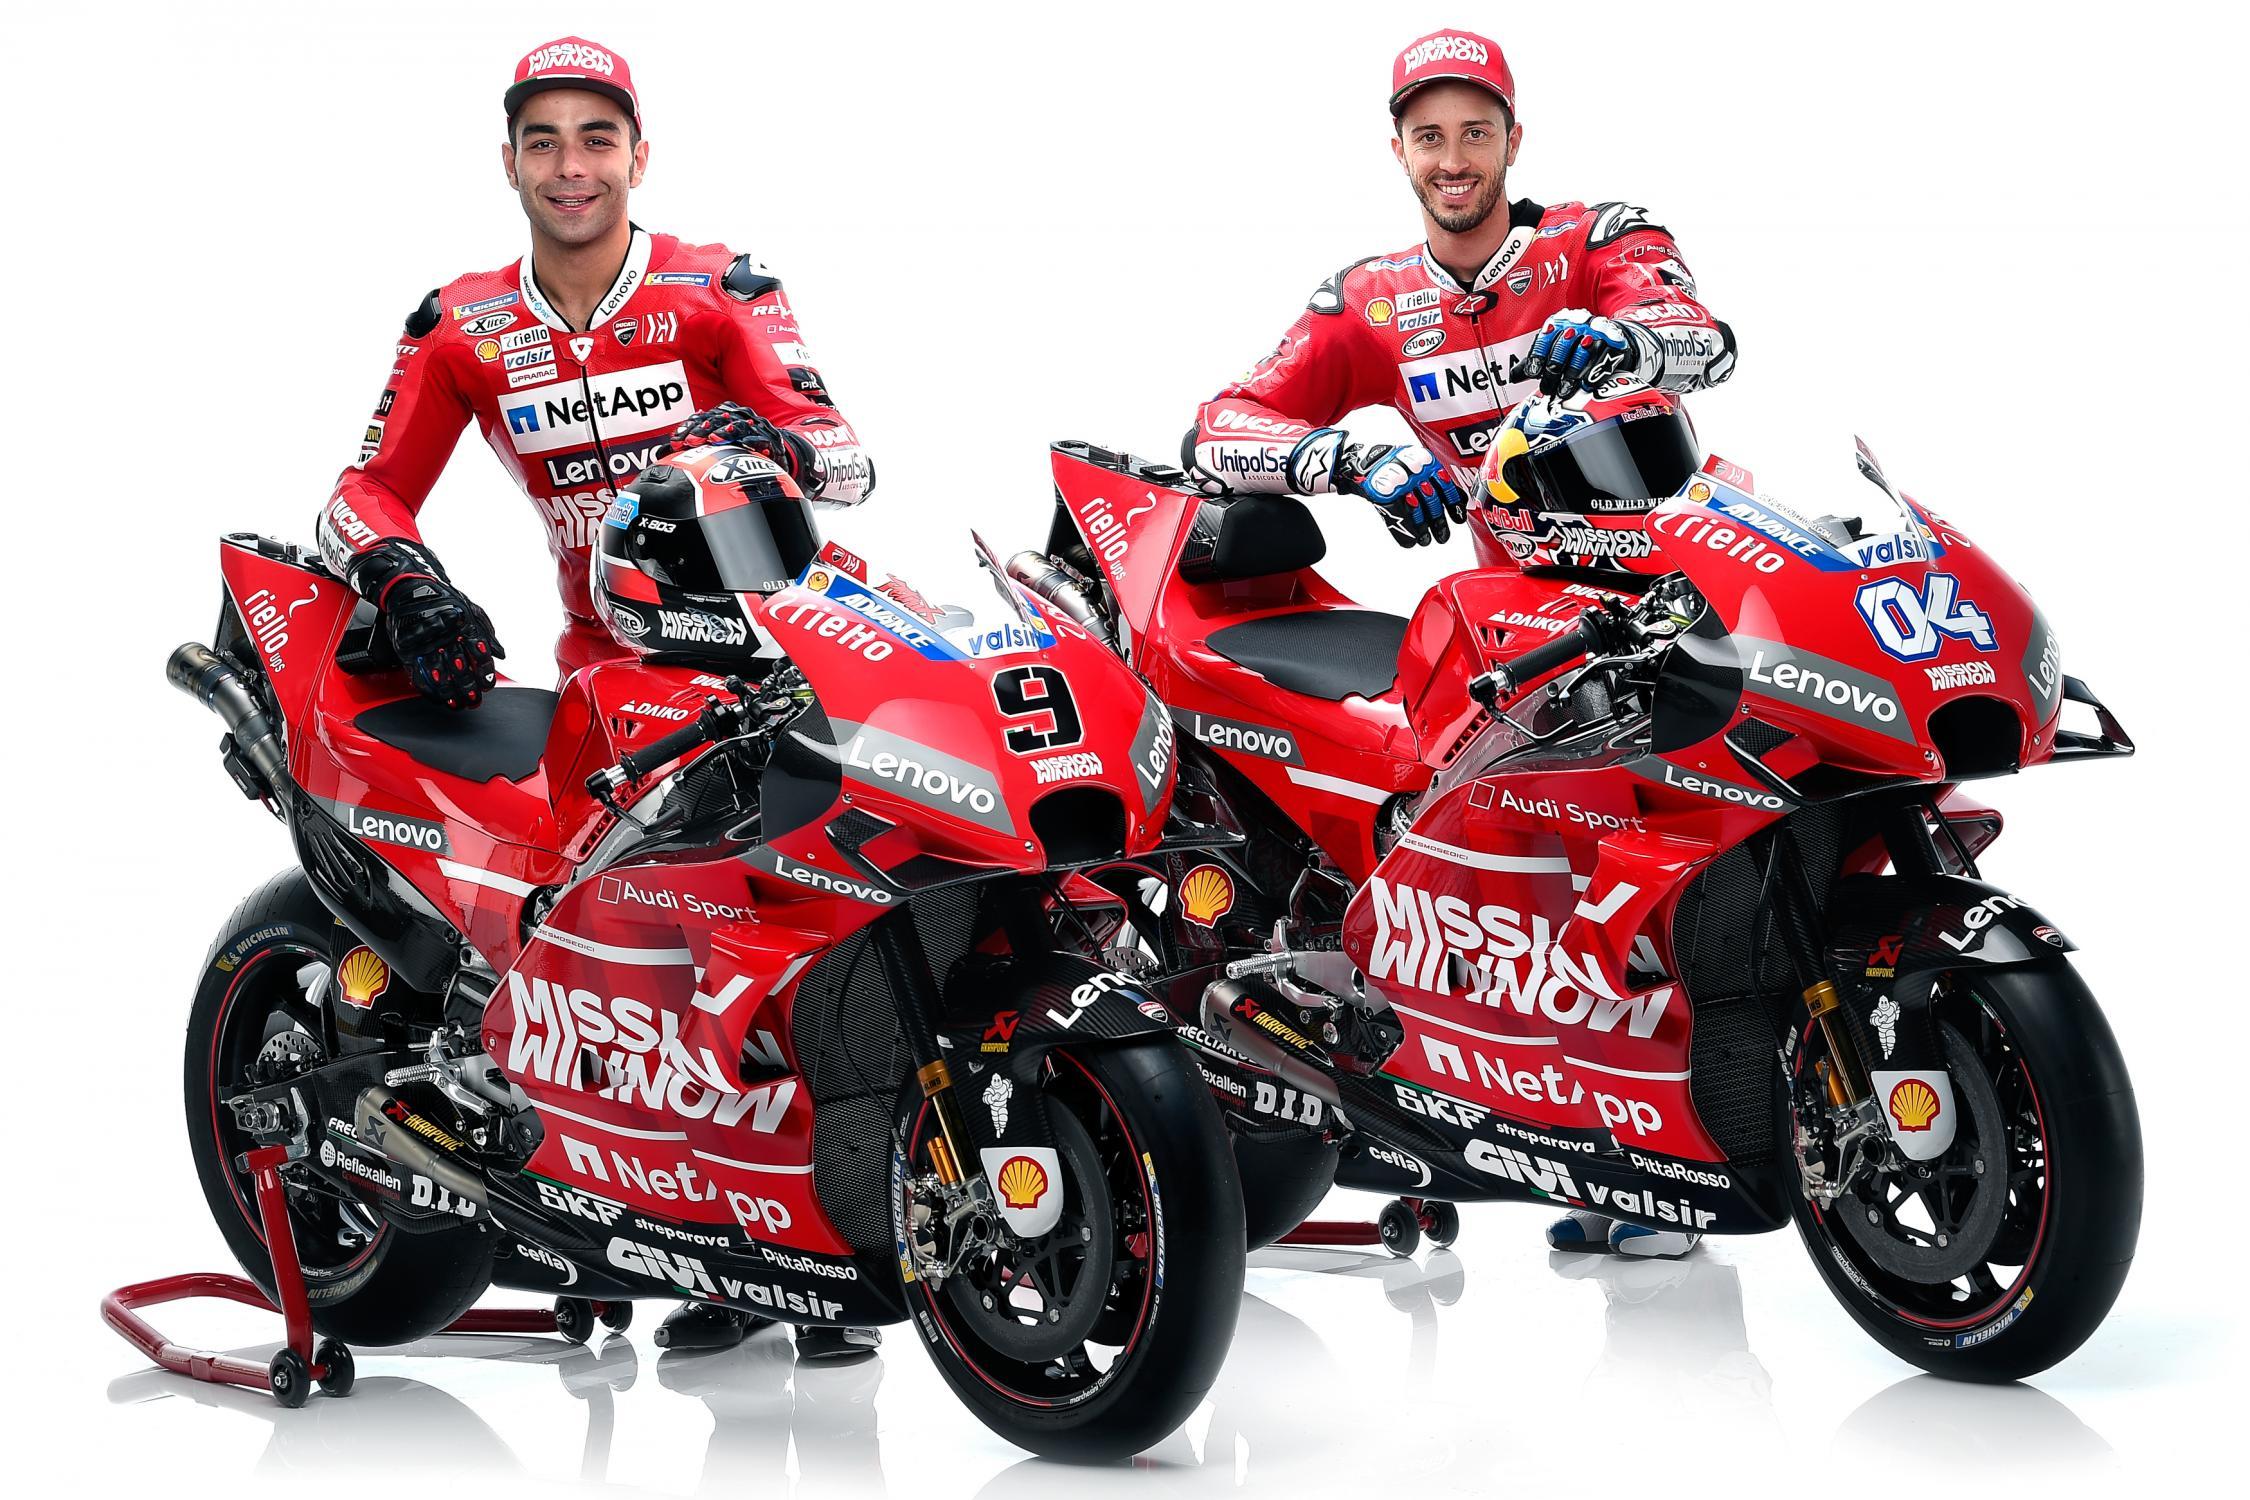 MOTO GP 2019 COMPÉTITIONS - Page 4 Ducati-gp19-dovizioso-petrucci-presentation-2